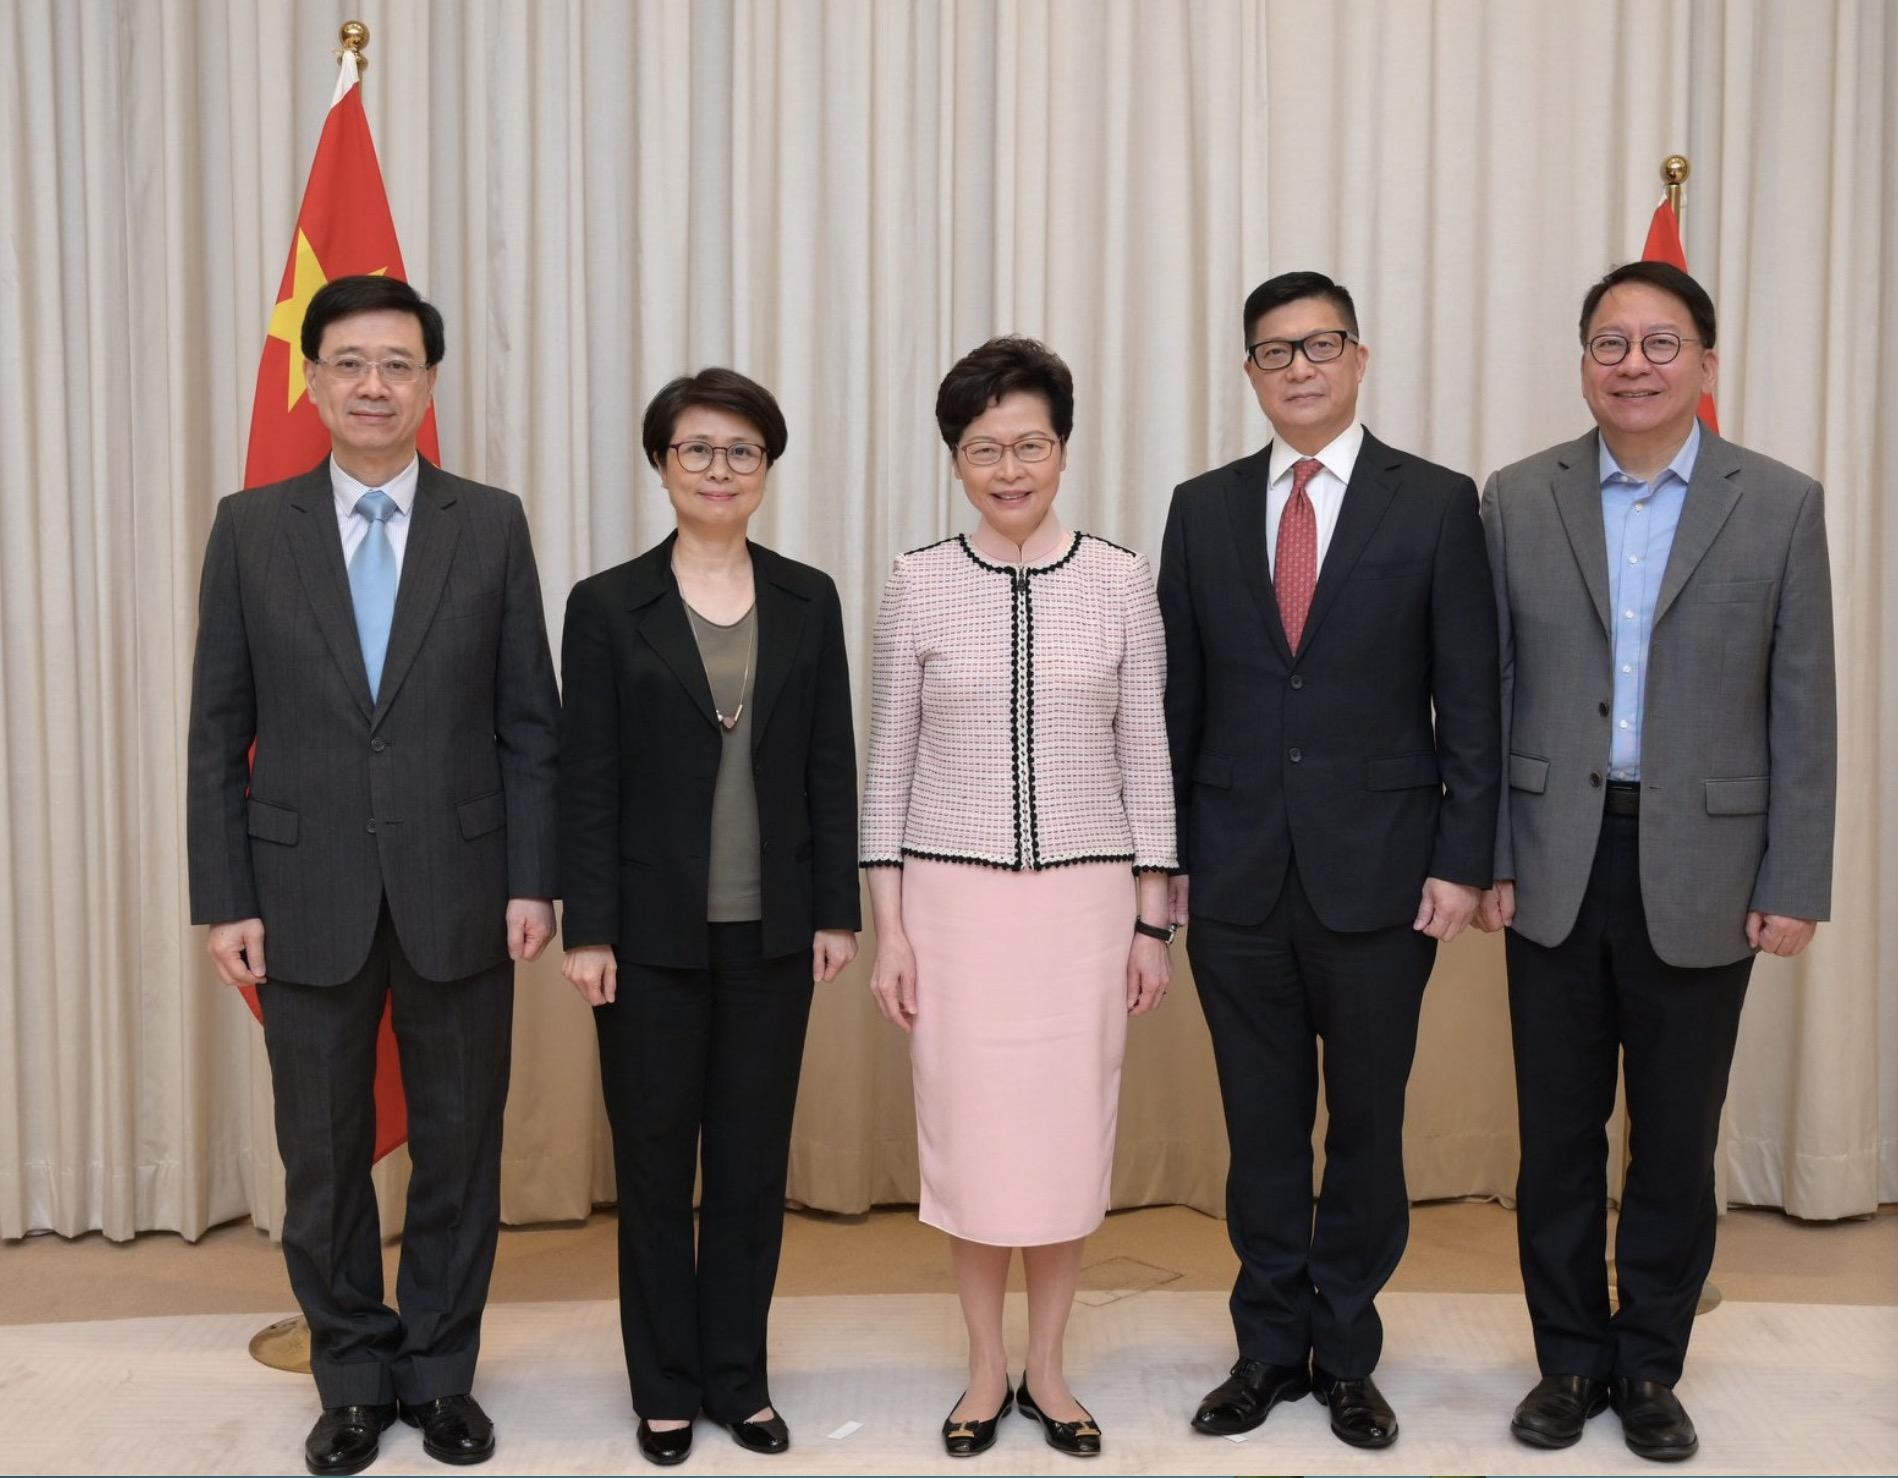 林郑月娥任港区国安委主席:这是极大挑战 将捍卫国家主权